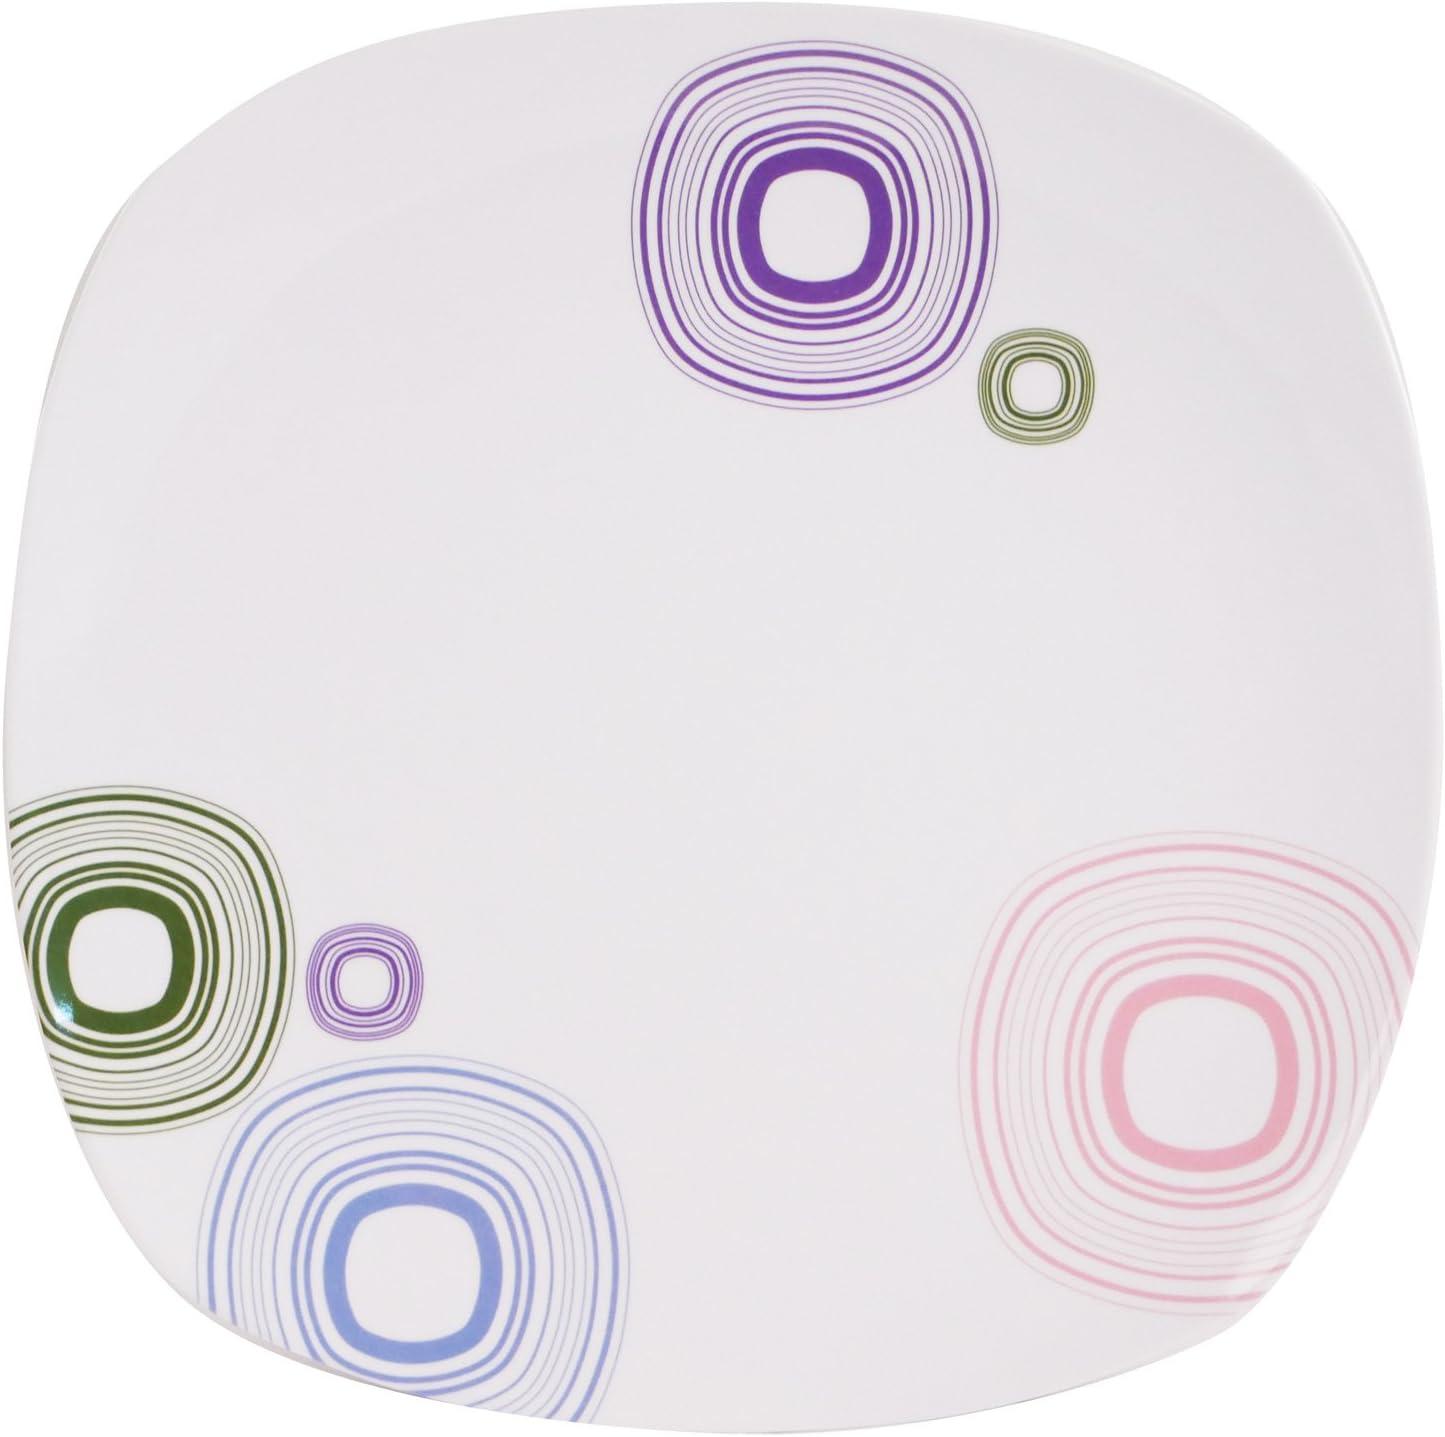 Dotty Tableau vaisselle en m/élamine Profitez de votre repas sur presque unkapputtbarem Harnais